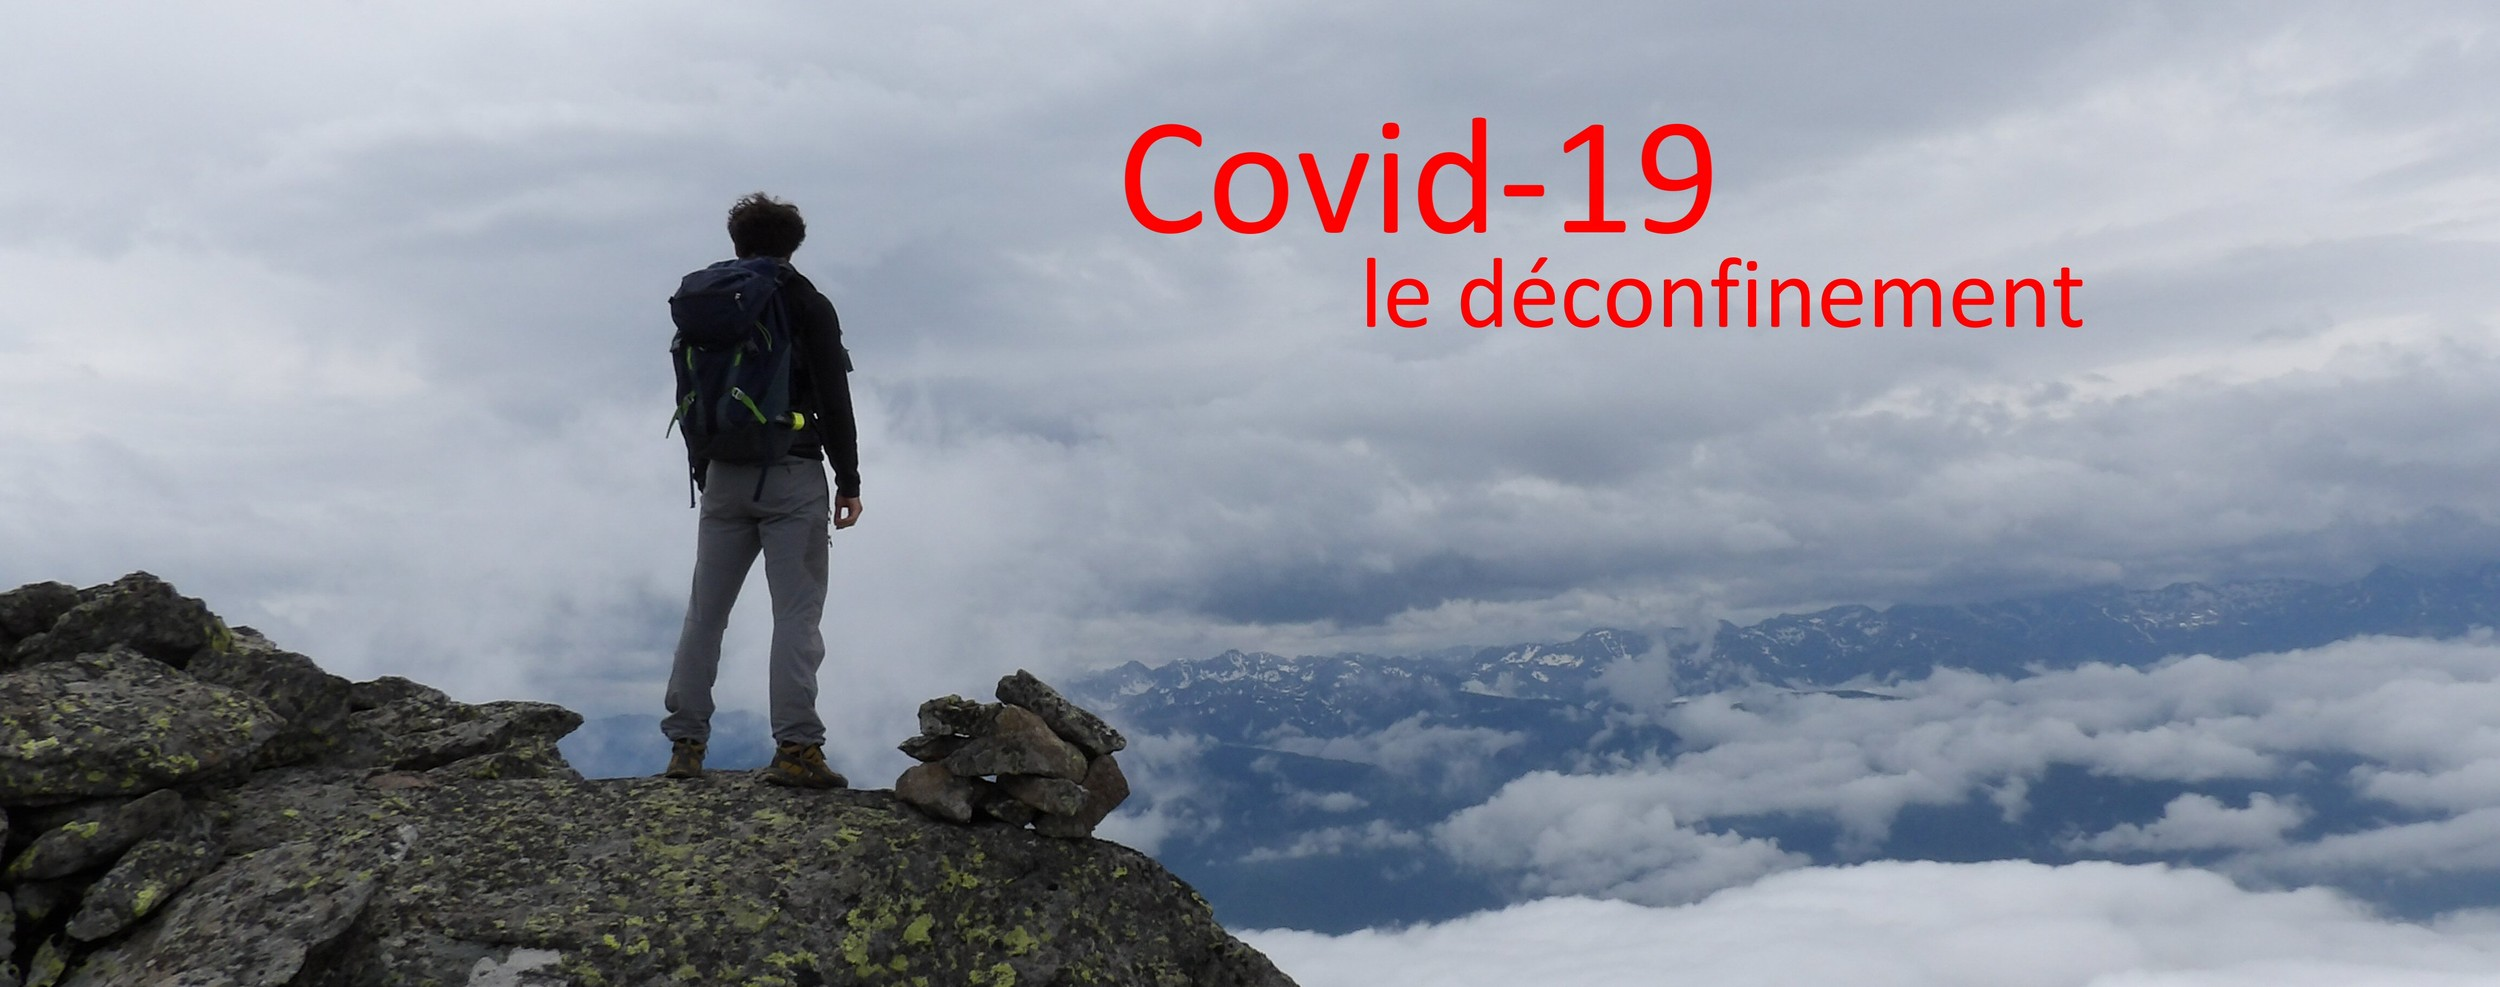 Covid-19 Activité sport montagne